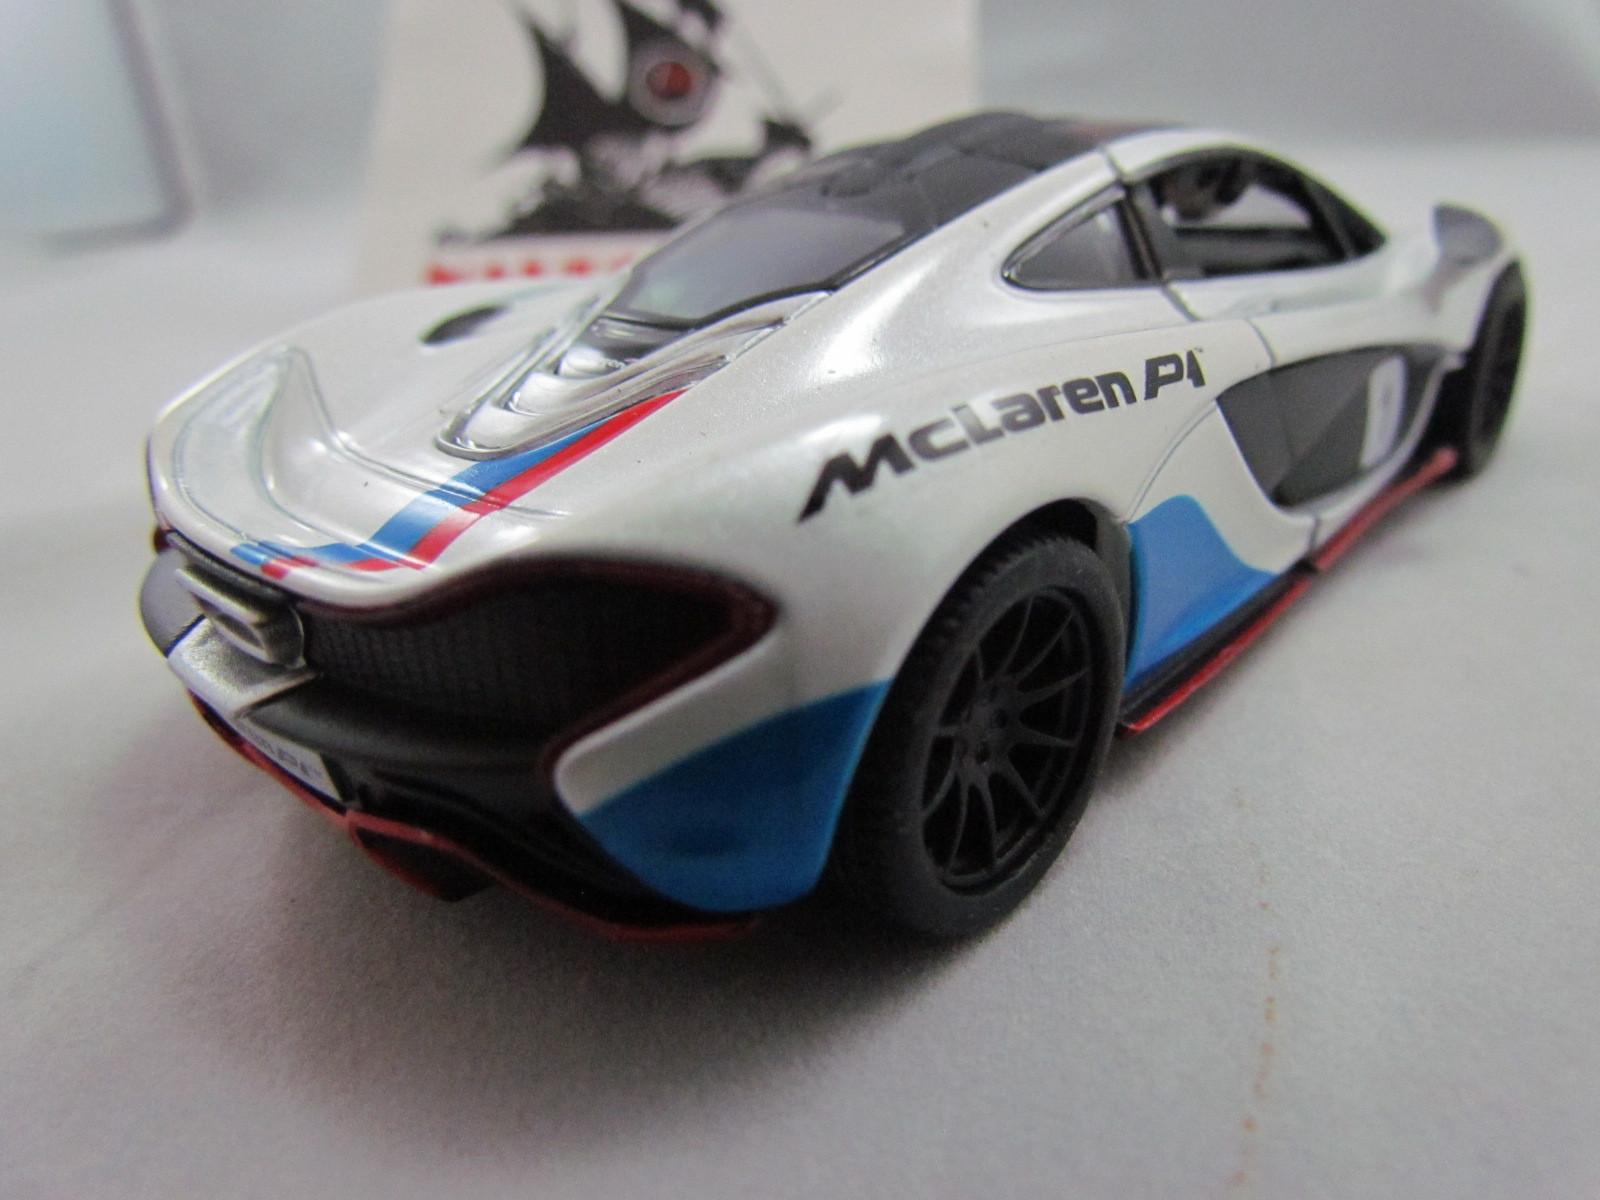 McLaren P1 Exclusive Edition Branca Kinsmart 1:36